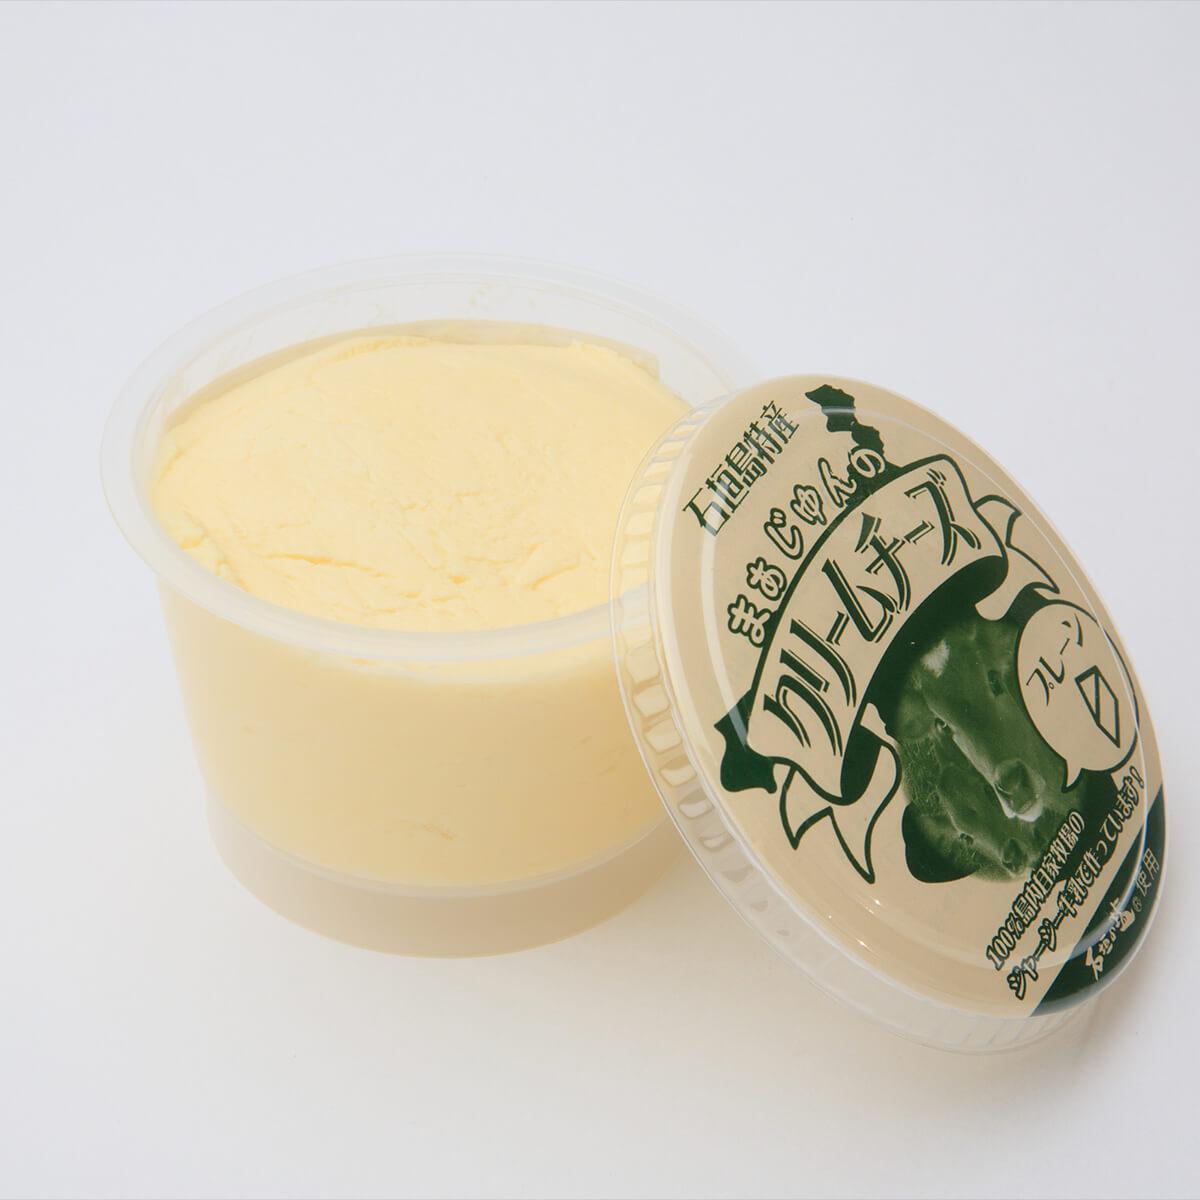 クリームチーズ(プレーン)